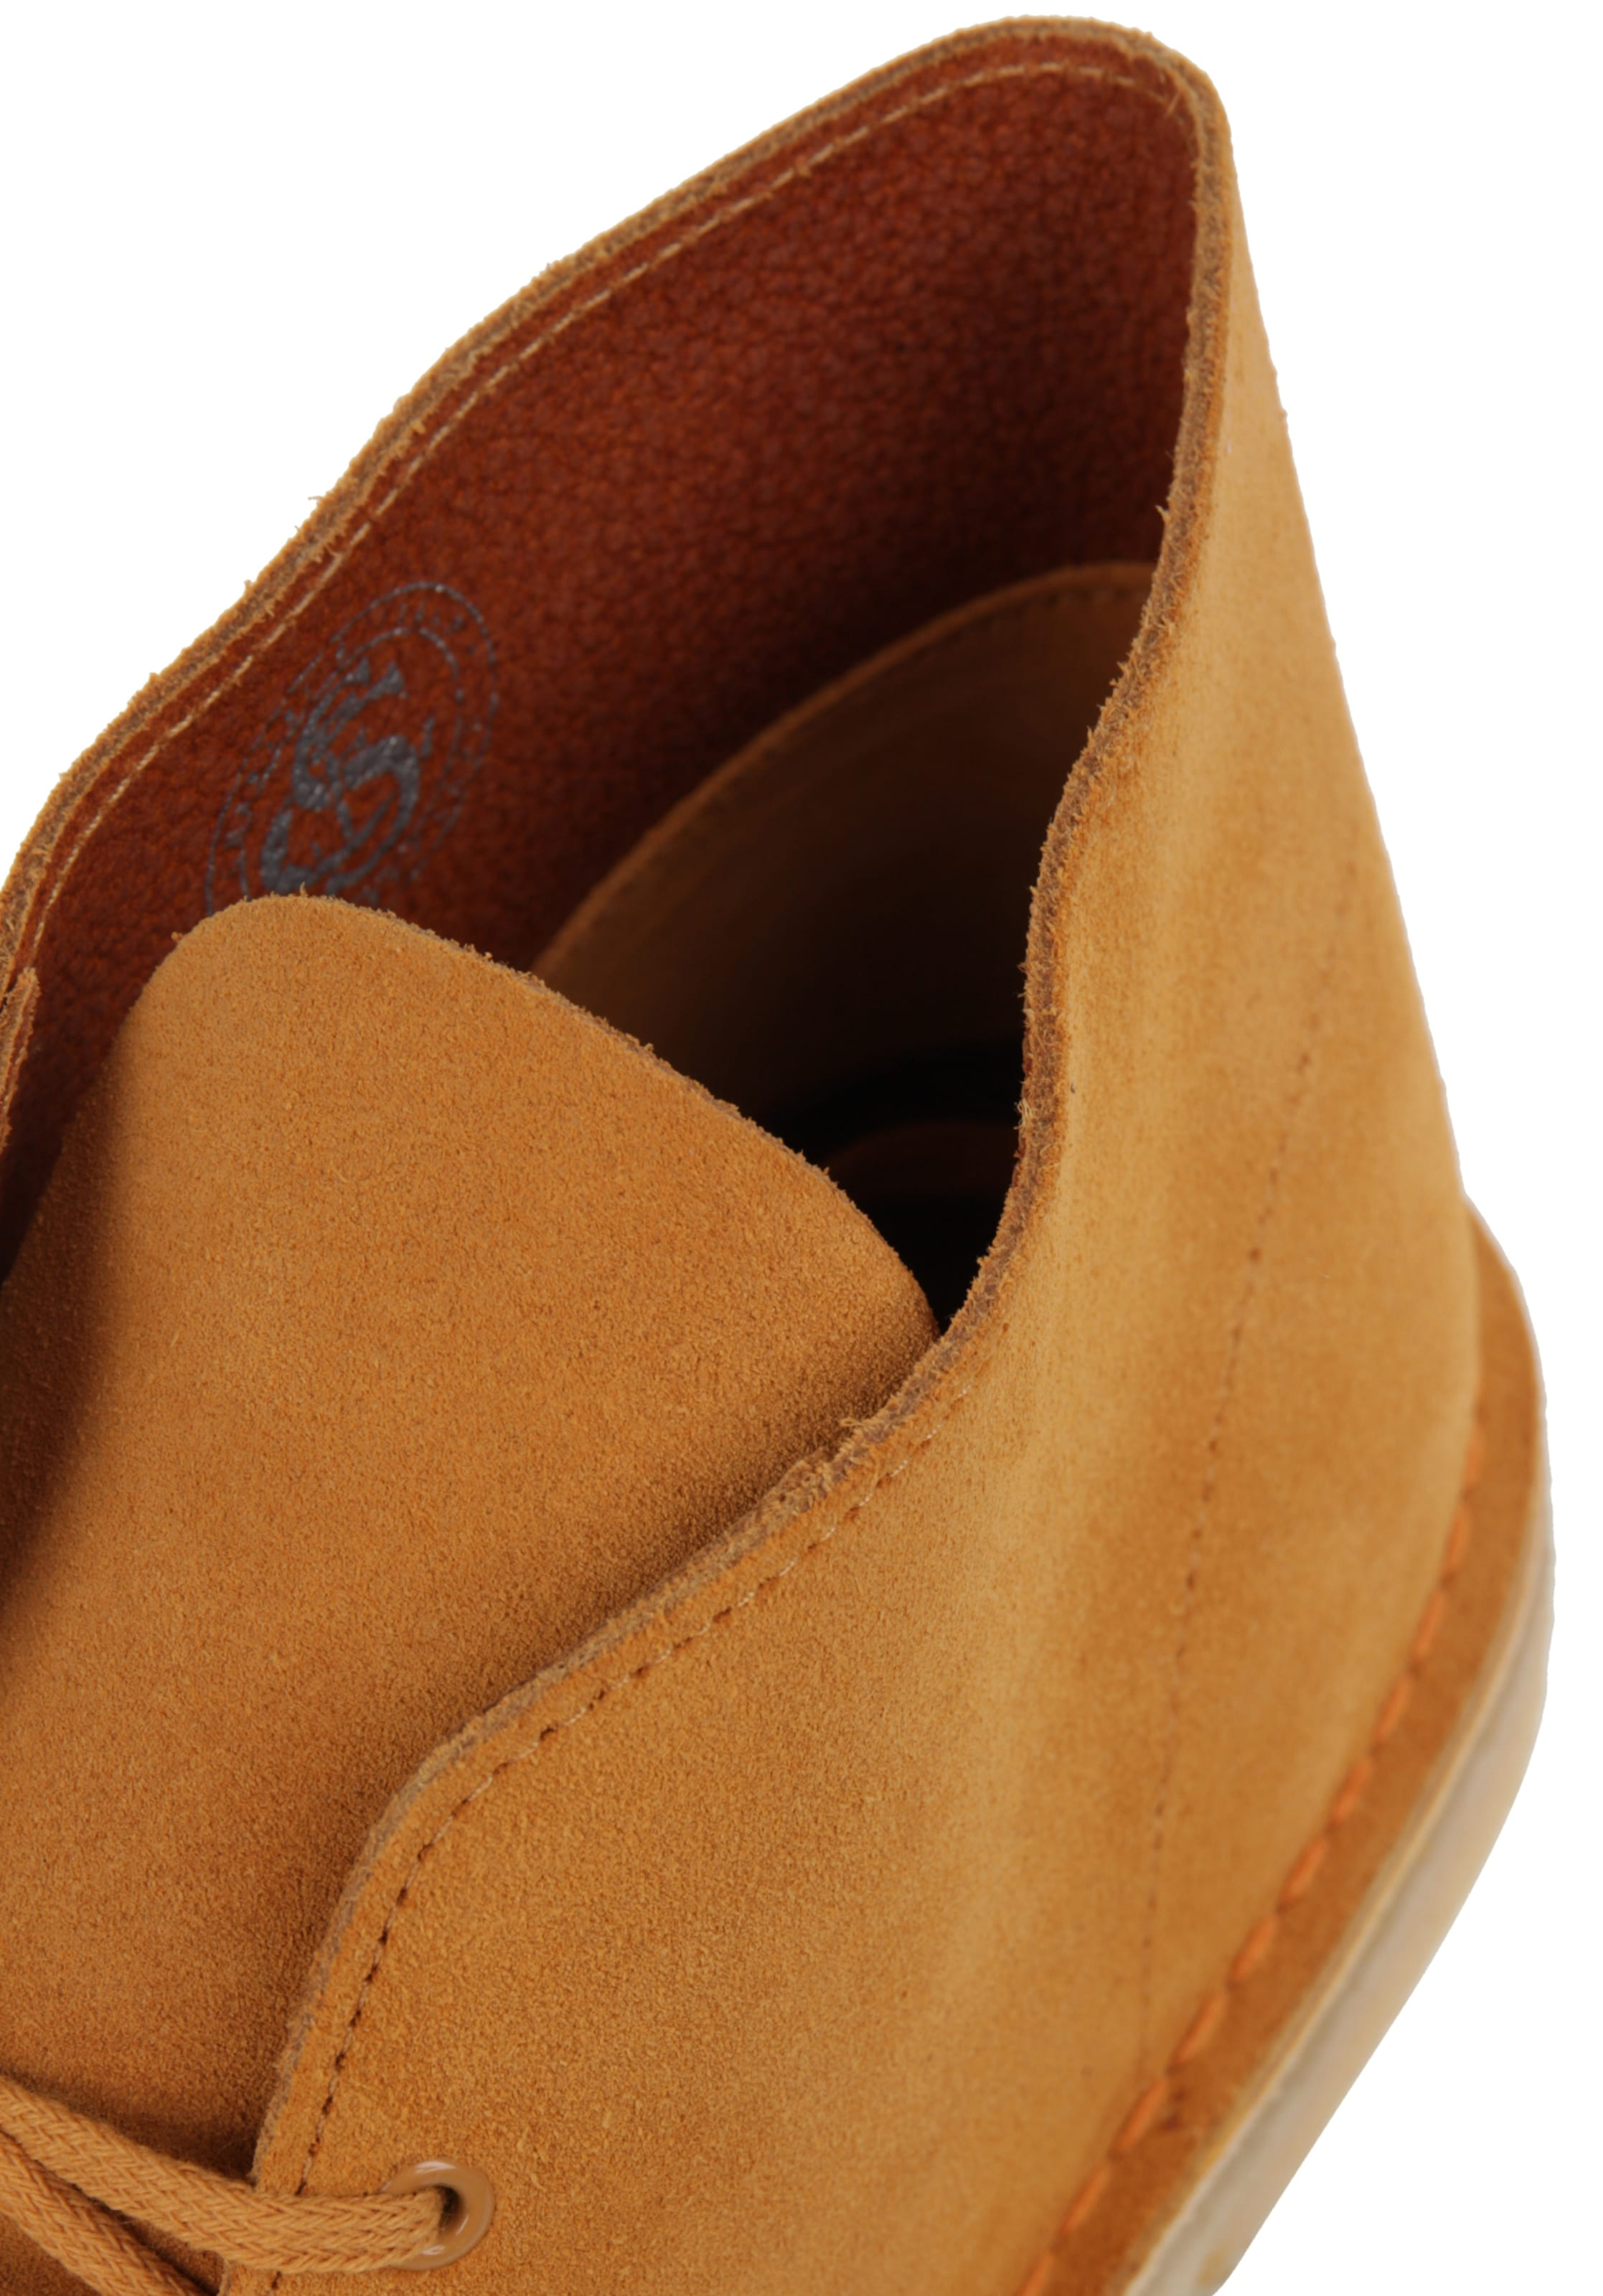 Clarks Originals Originals Clarks Goldgelb Schuhe In Schuhe LUMVqSzpG